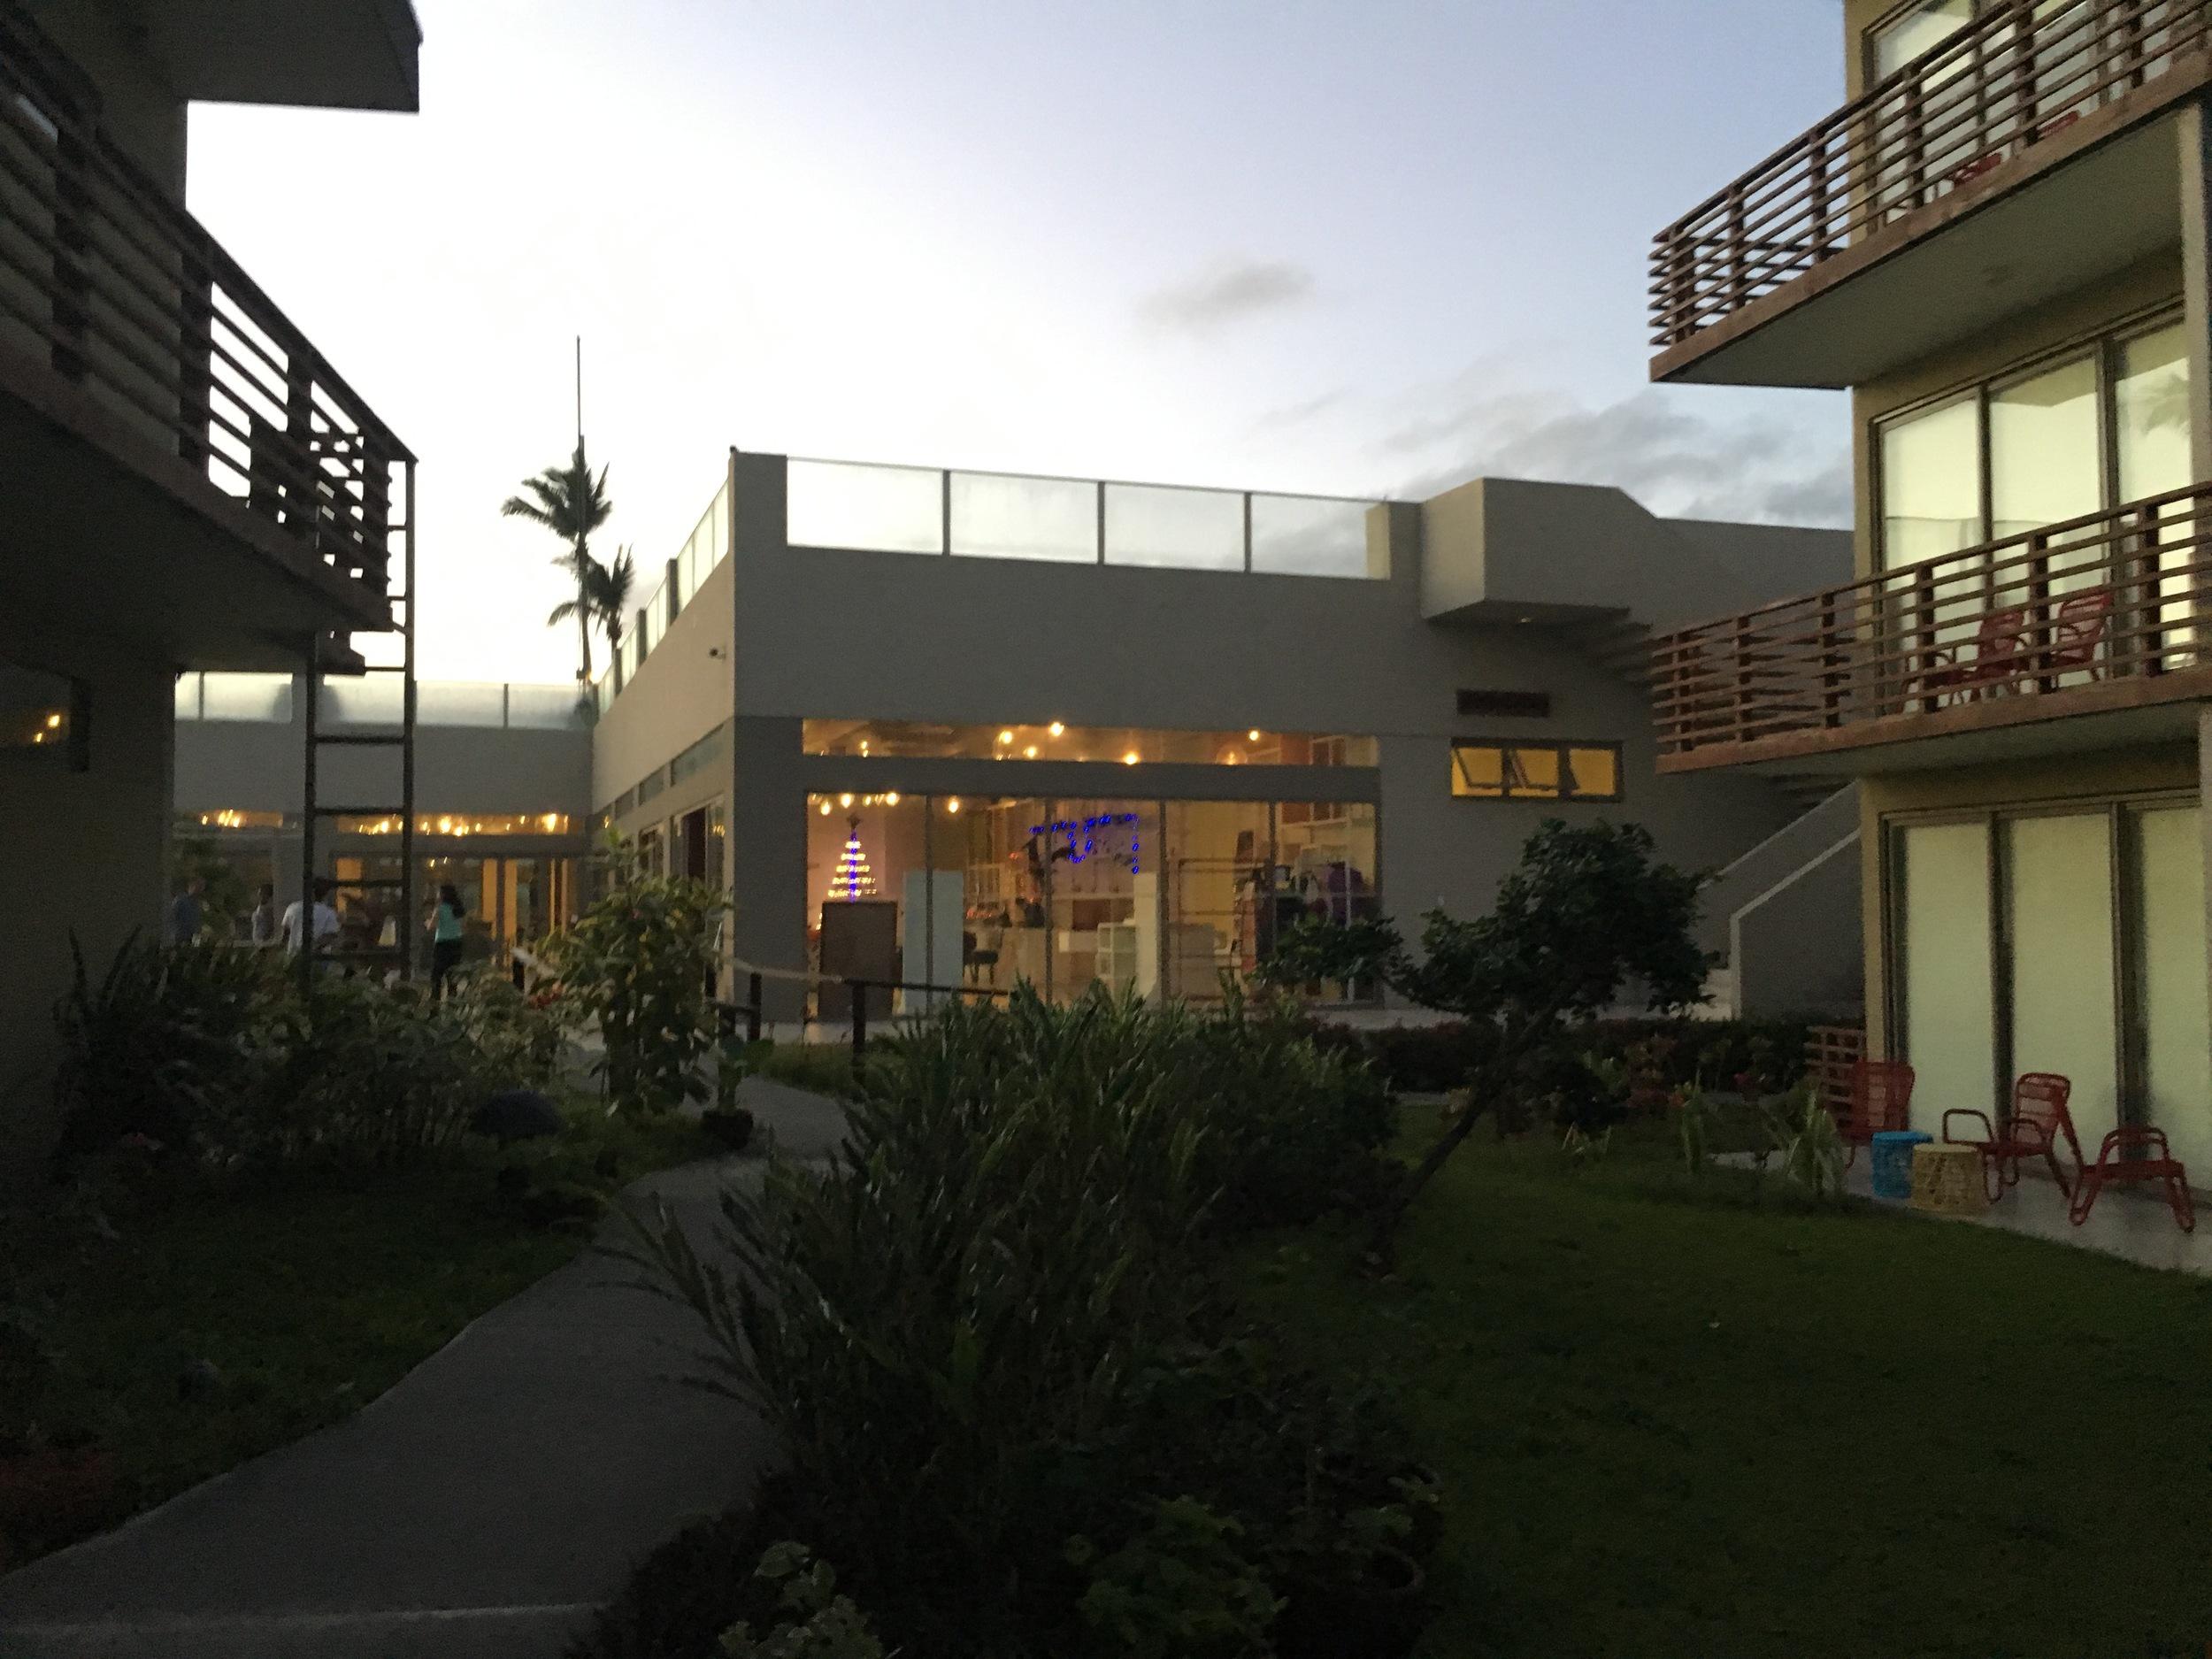 beplay3体育官方下载illumelation.com |日落时的外观。巴勒的Costa Pacifica度假村。审查。